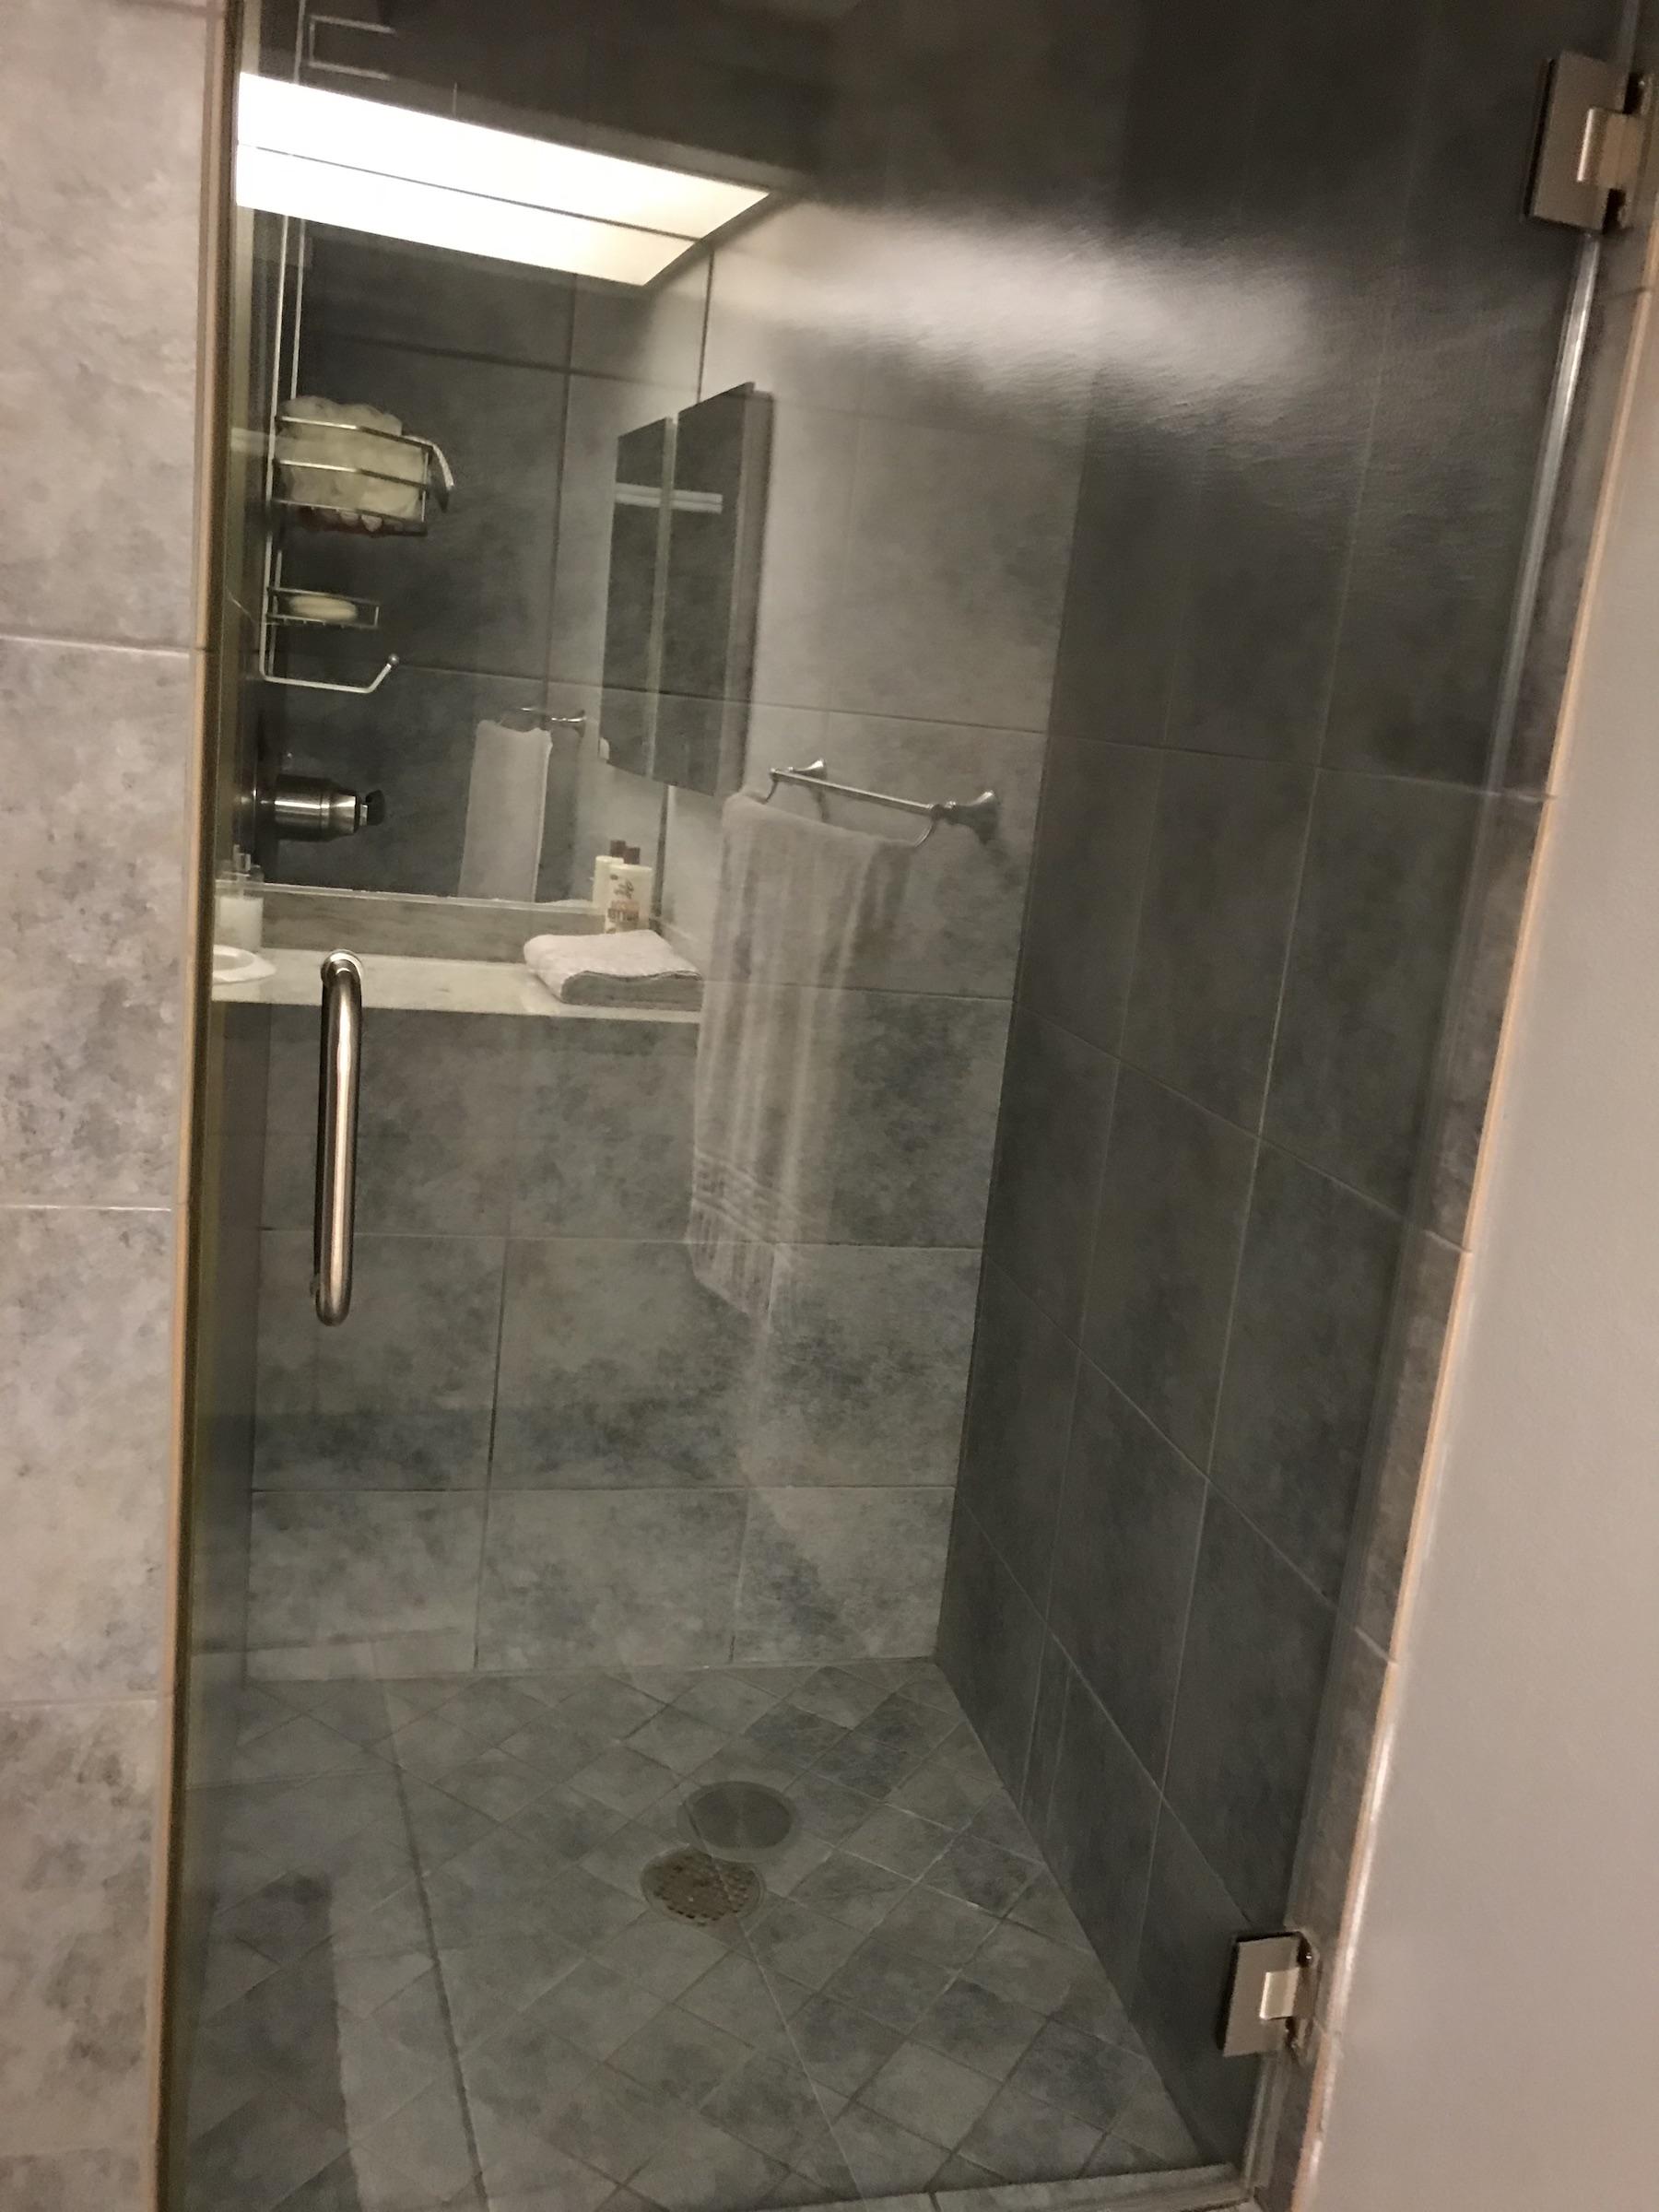 Back shower